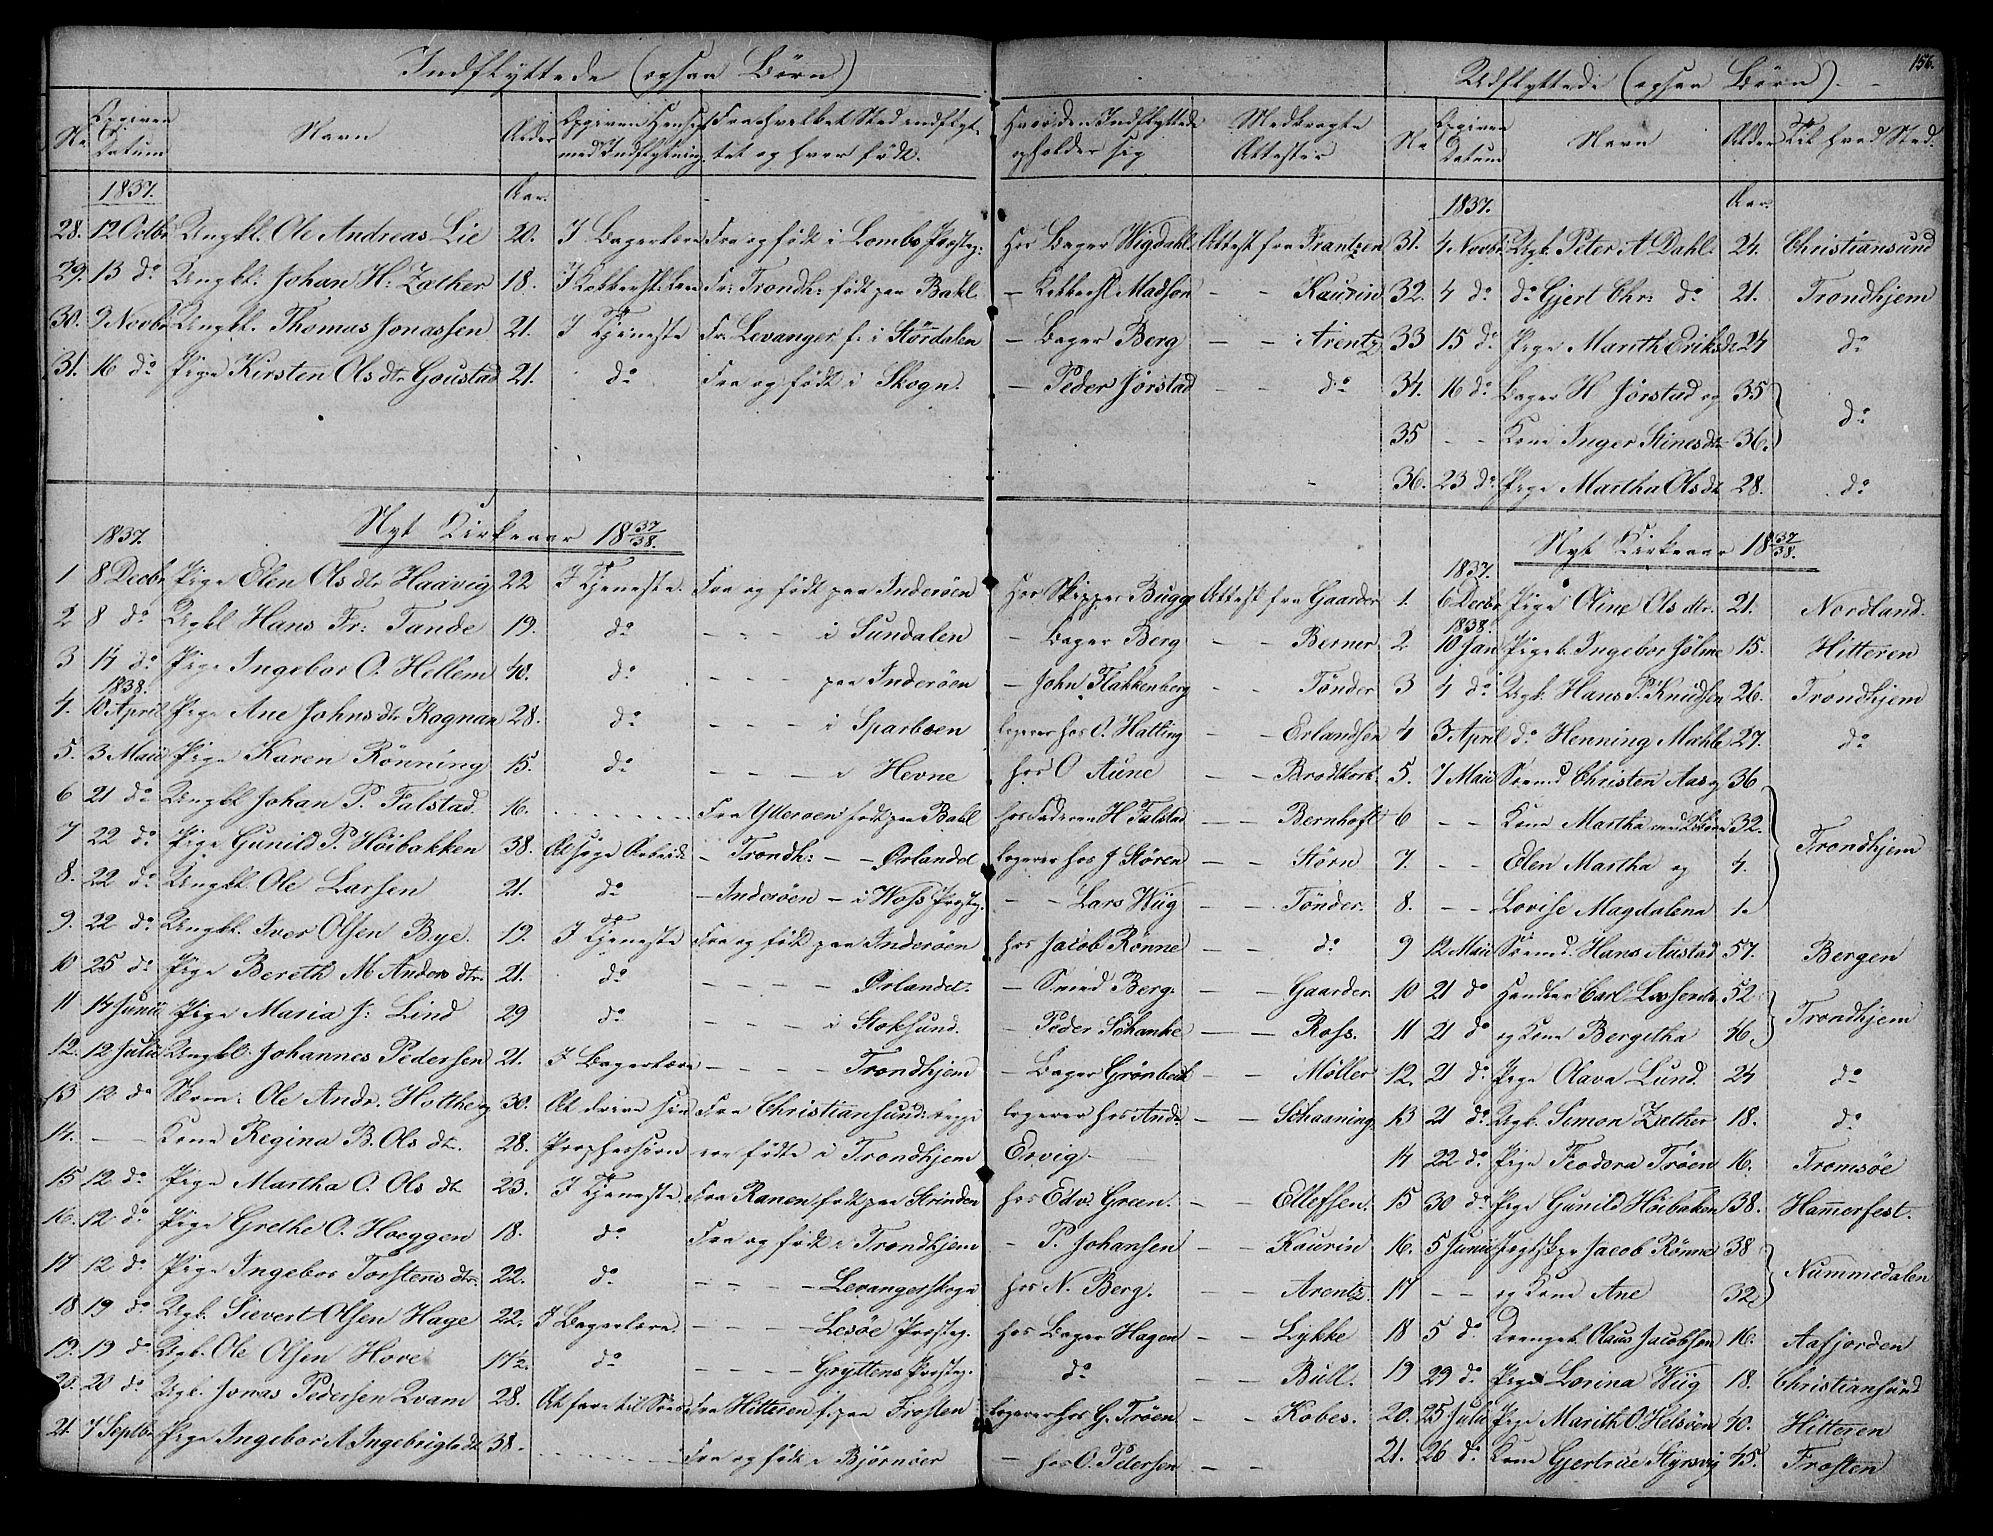 SAT, Ministerialprotokoller, klokkerbøker og fødselsregistre - Sør-Trøndelag, 604/L0182: Ministerialbok nr. 604A03, 1818-1850, s. 156